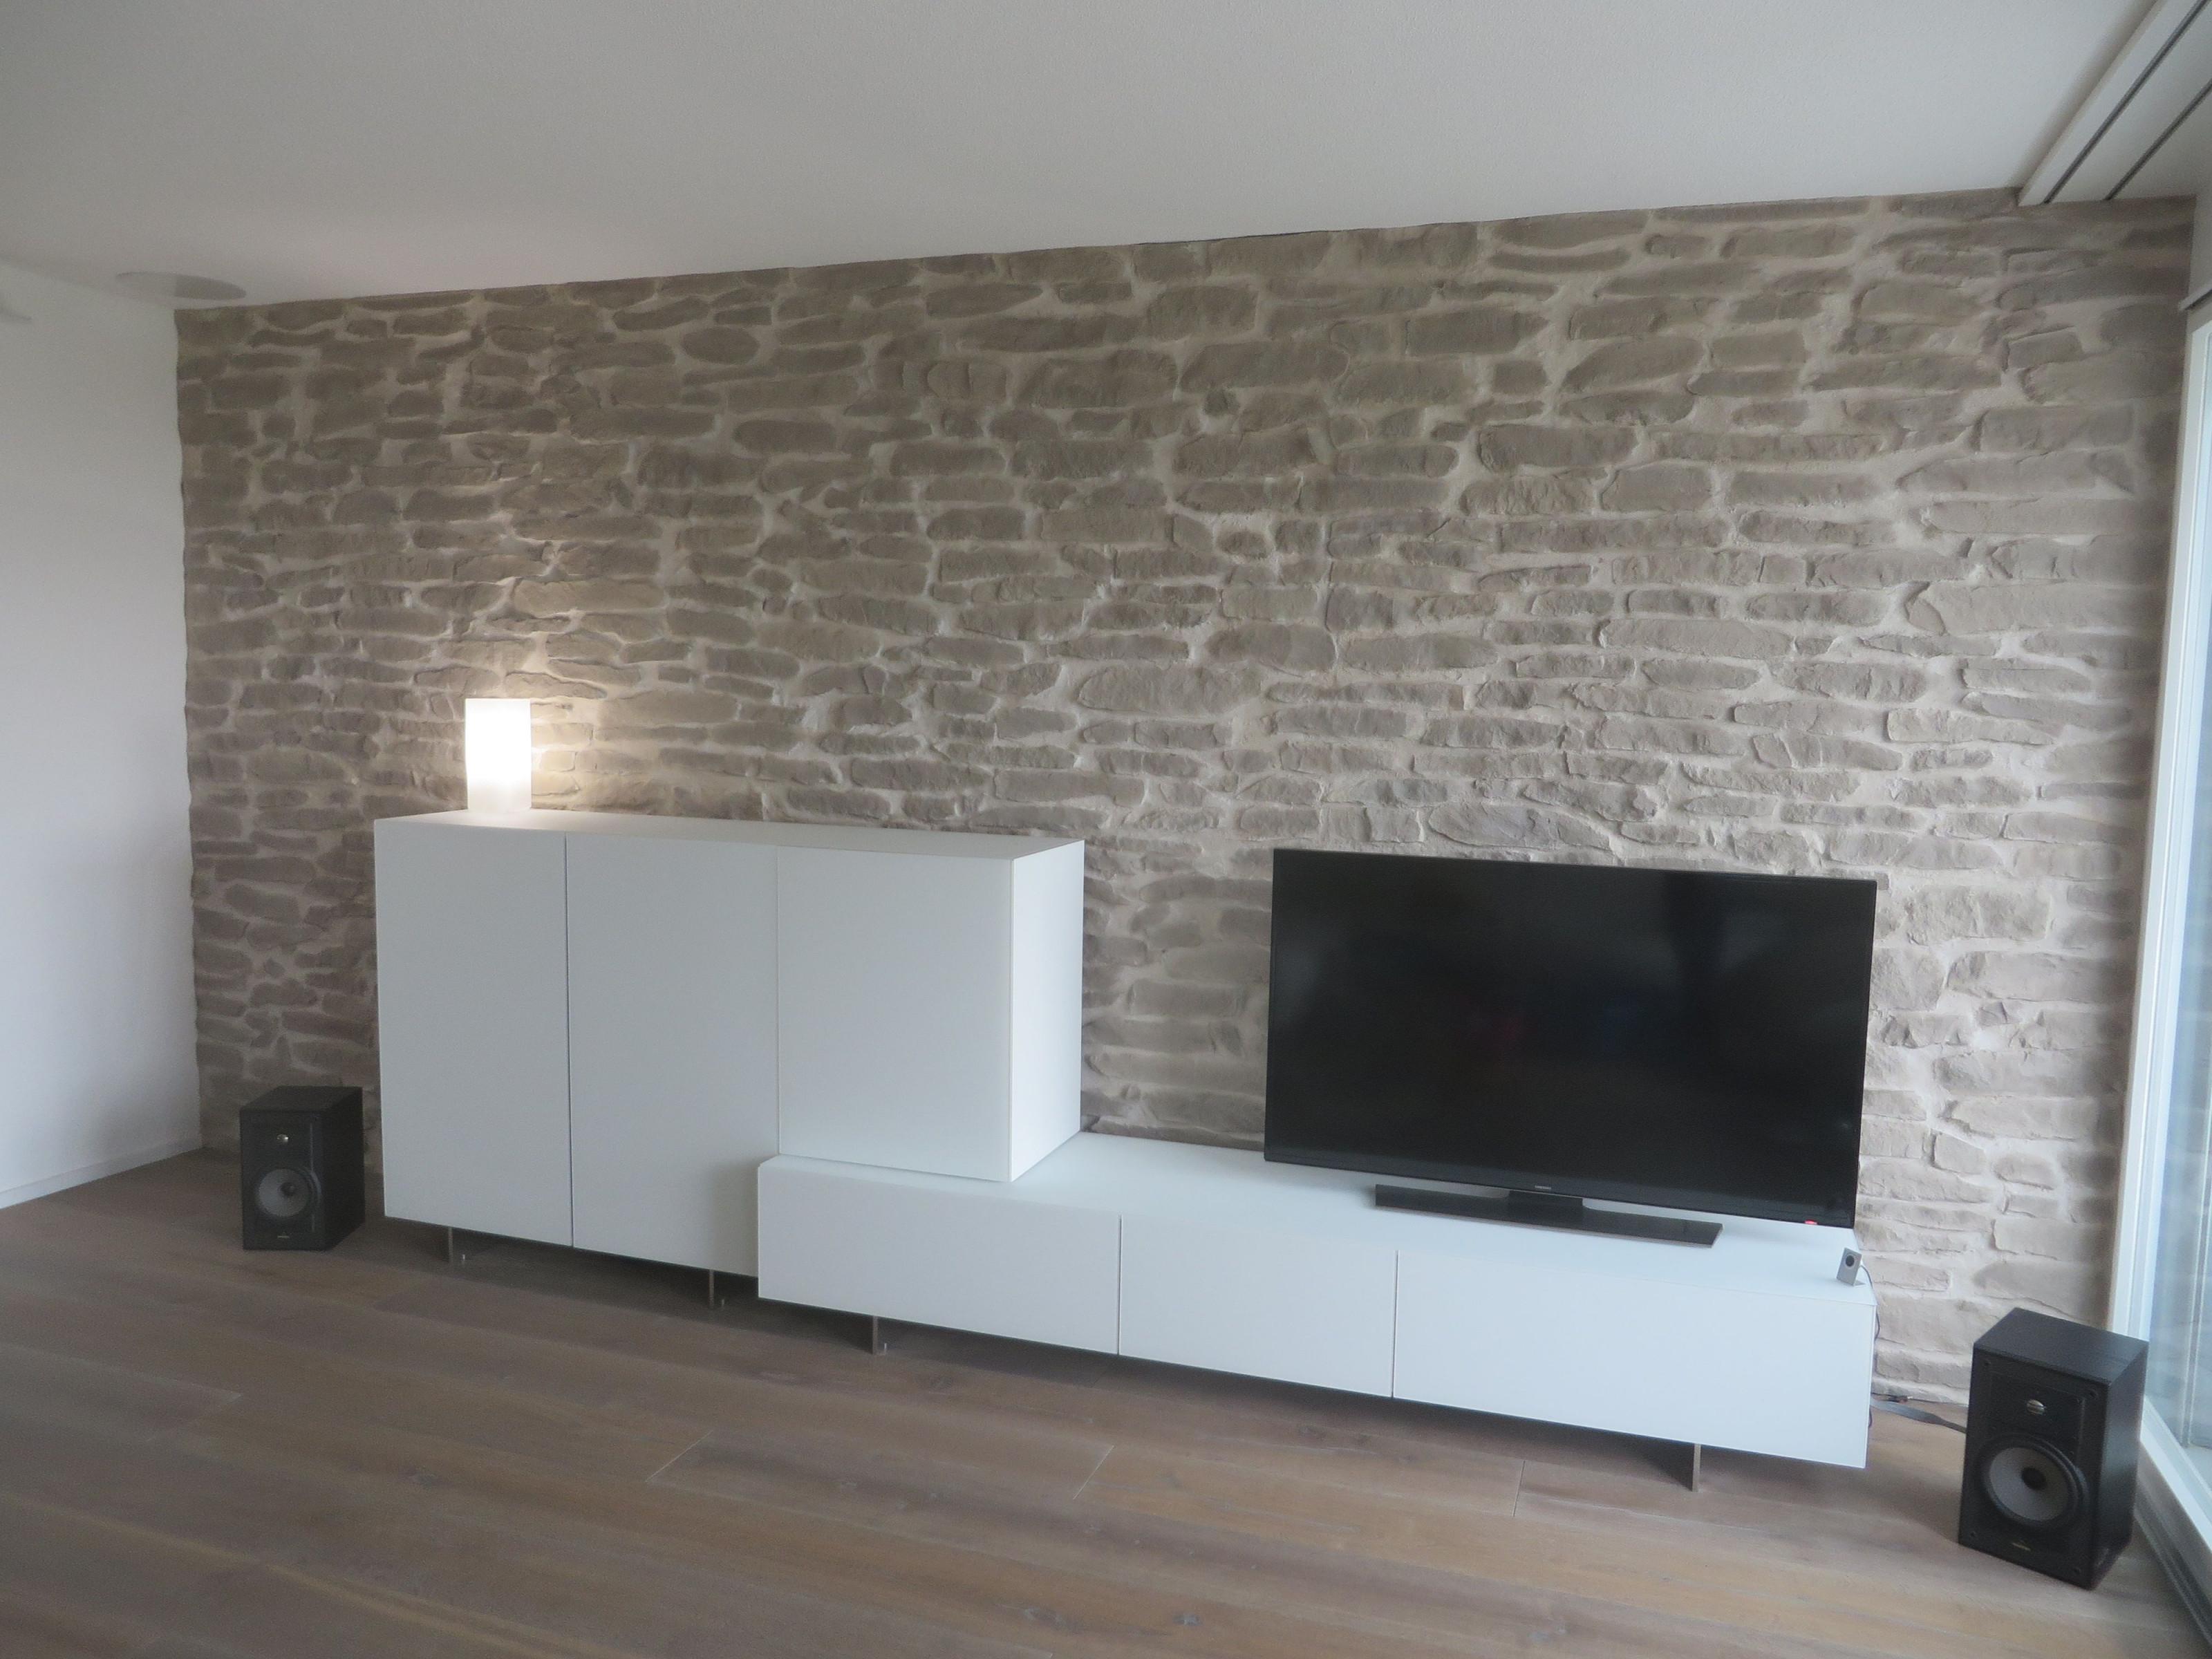 Wohnzimmerwand Steinoptik Lajas  Wandgestaltung Wohnzimmer von Bilder Wandgestaltung Wohnzimmer Bild